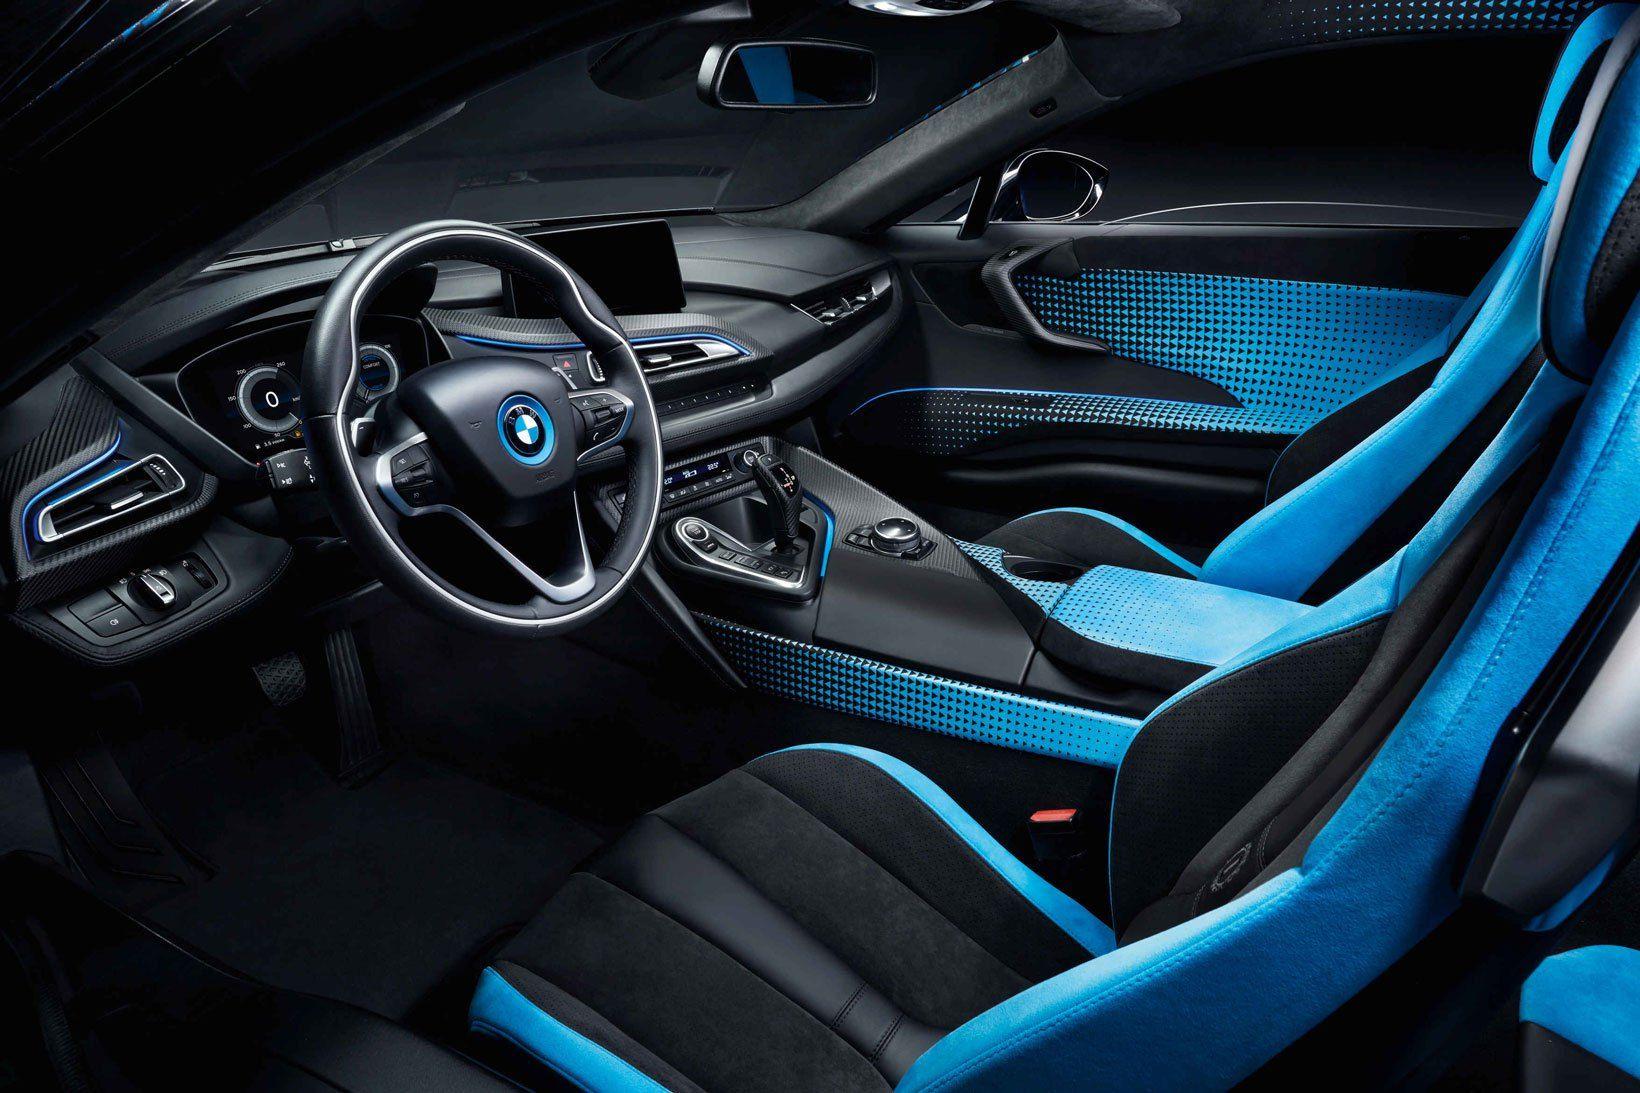 Bmw I8 Spyder And The New Key Bmw I8 Lexus Sports Car Bmw Interior